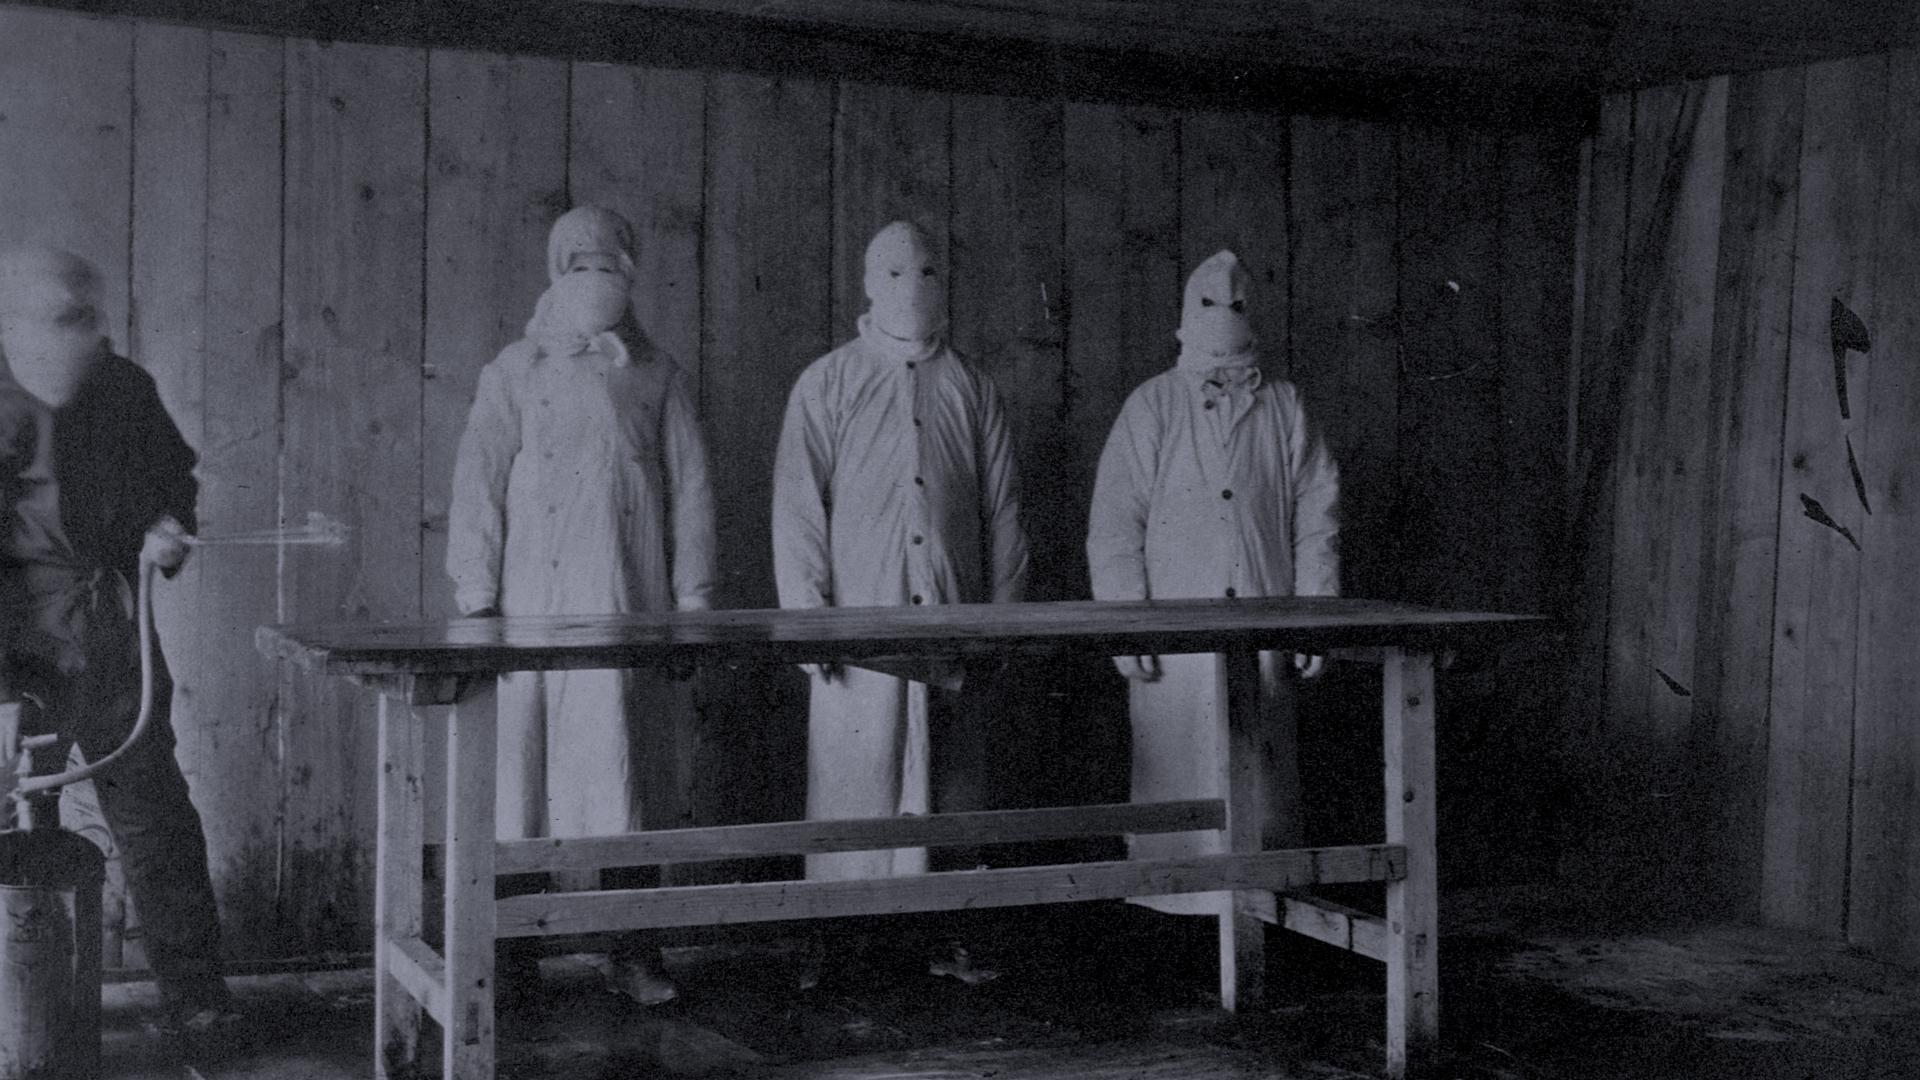 Ценою жизни русских врачей. Как в 1911 году китайцы устраивали диверсии и сопротивлялись помощи России